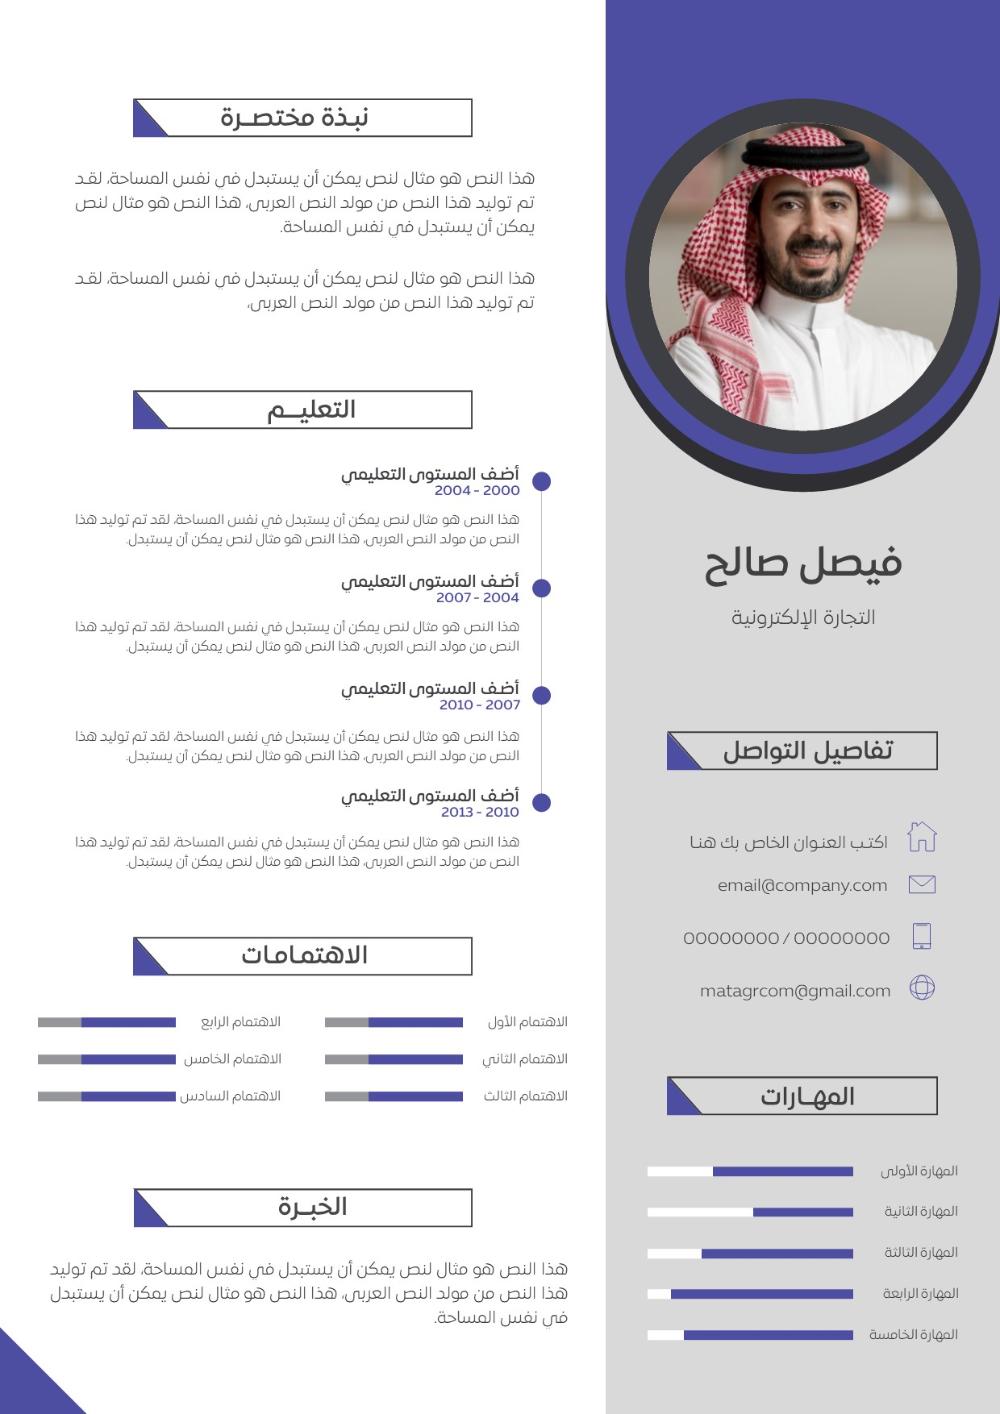 قالب سيرة ذاتية عربية احترافية جاهز للتعديل ادركها بوربوينت Cv Template Lins Templates